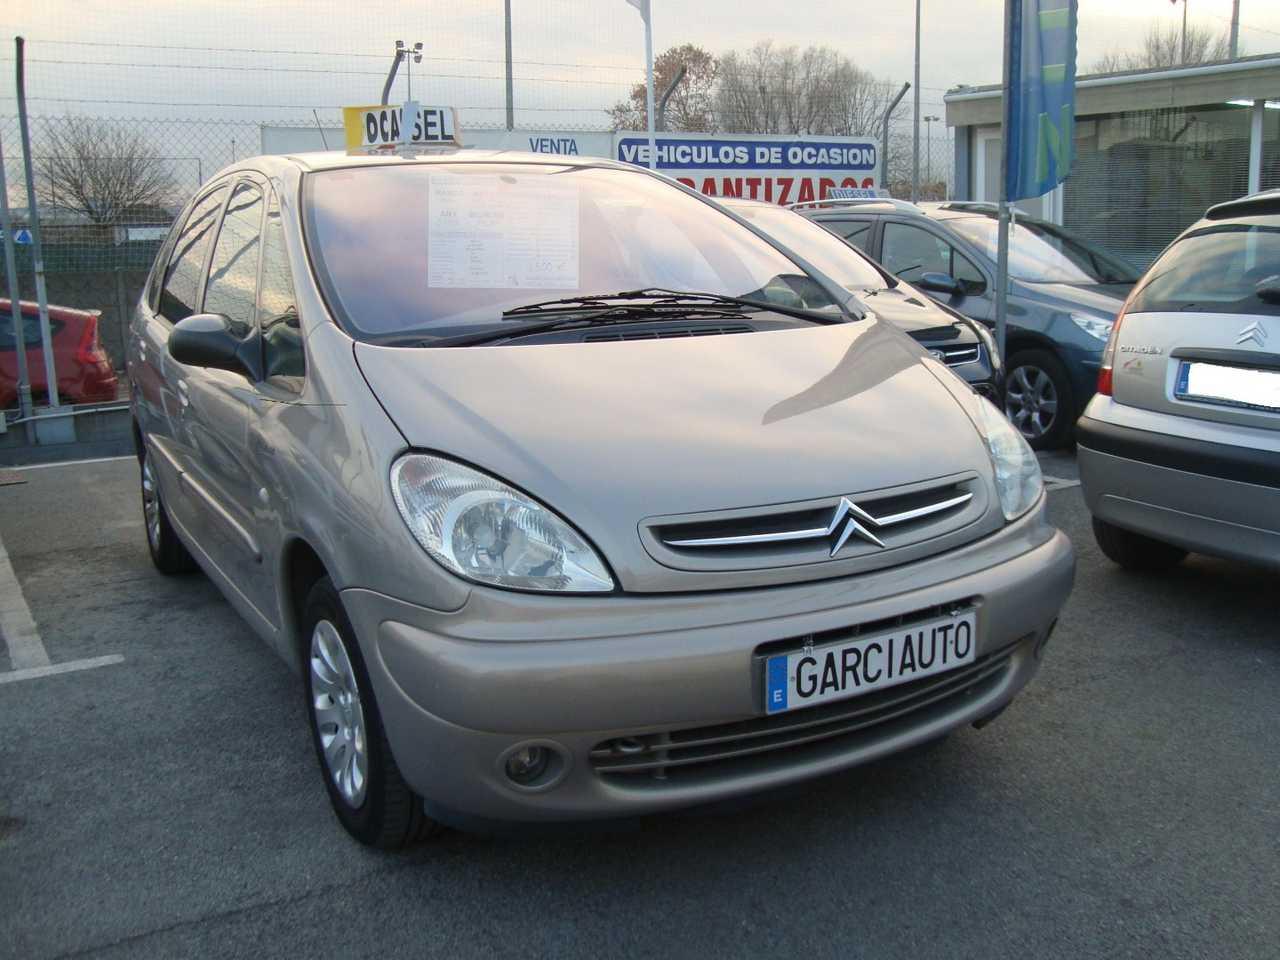 Citroën Xsara Picasso 2.0 HDI EXCLUSIVE 90 CV   - Foto 1